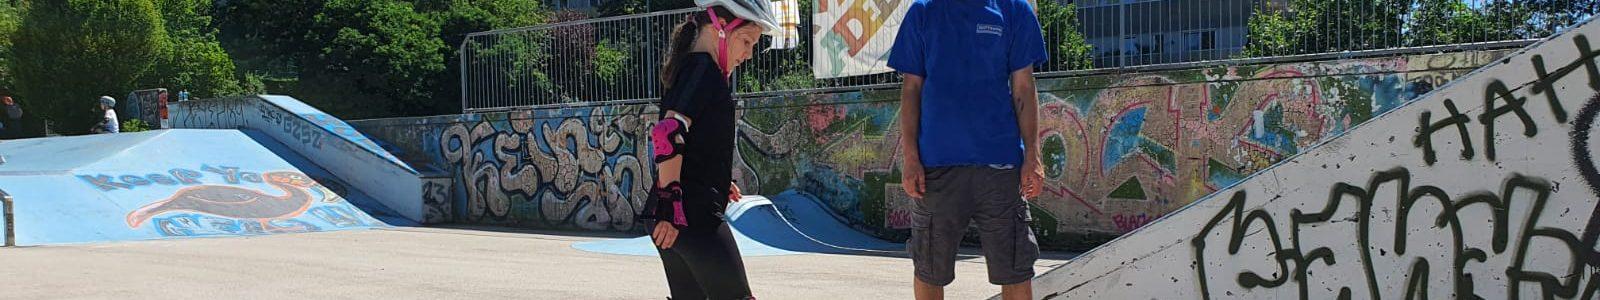 Skate-Workshop 05.07.20